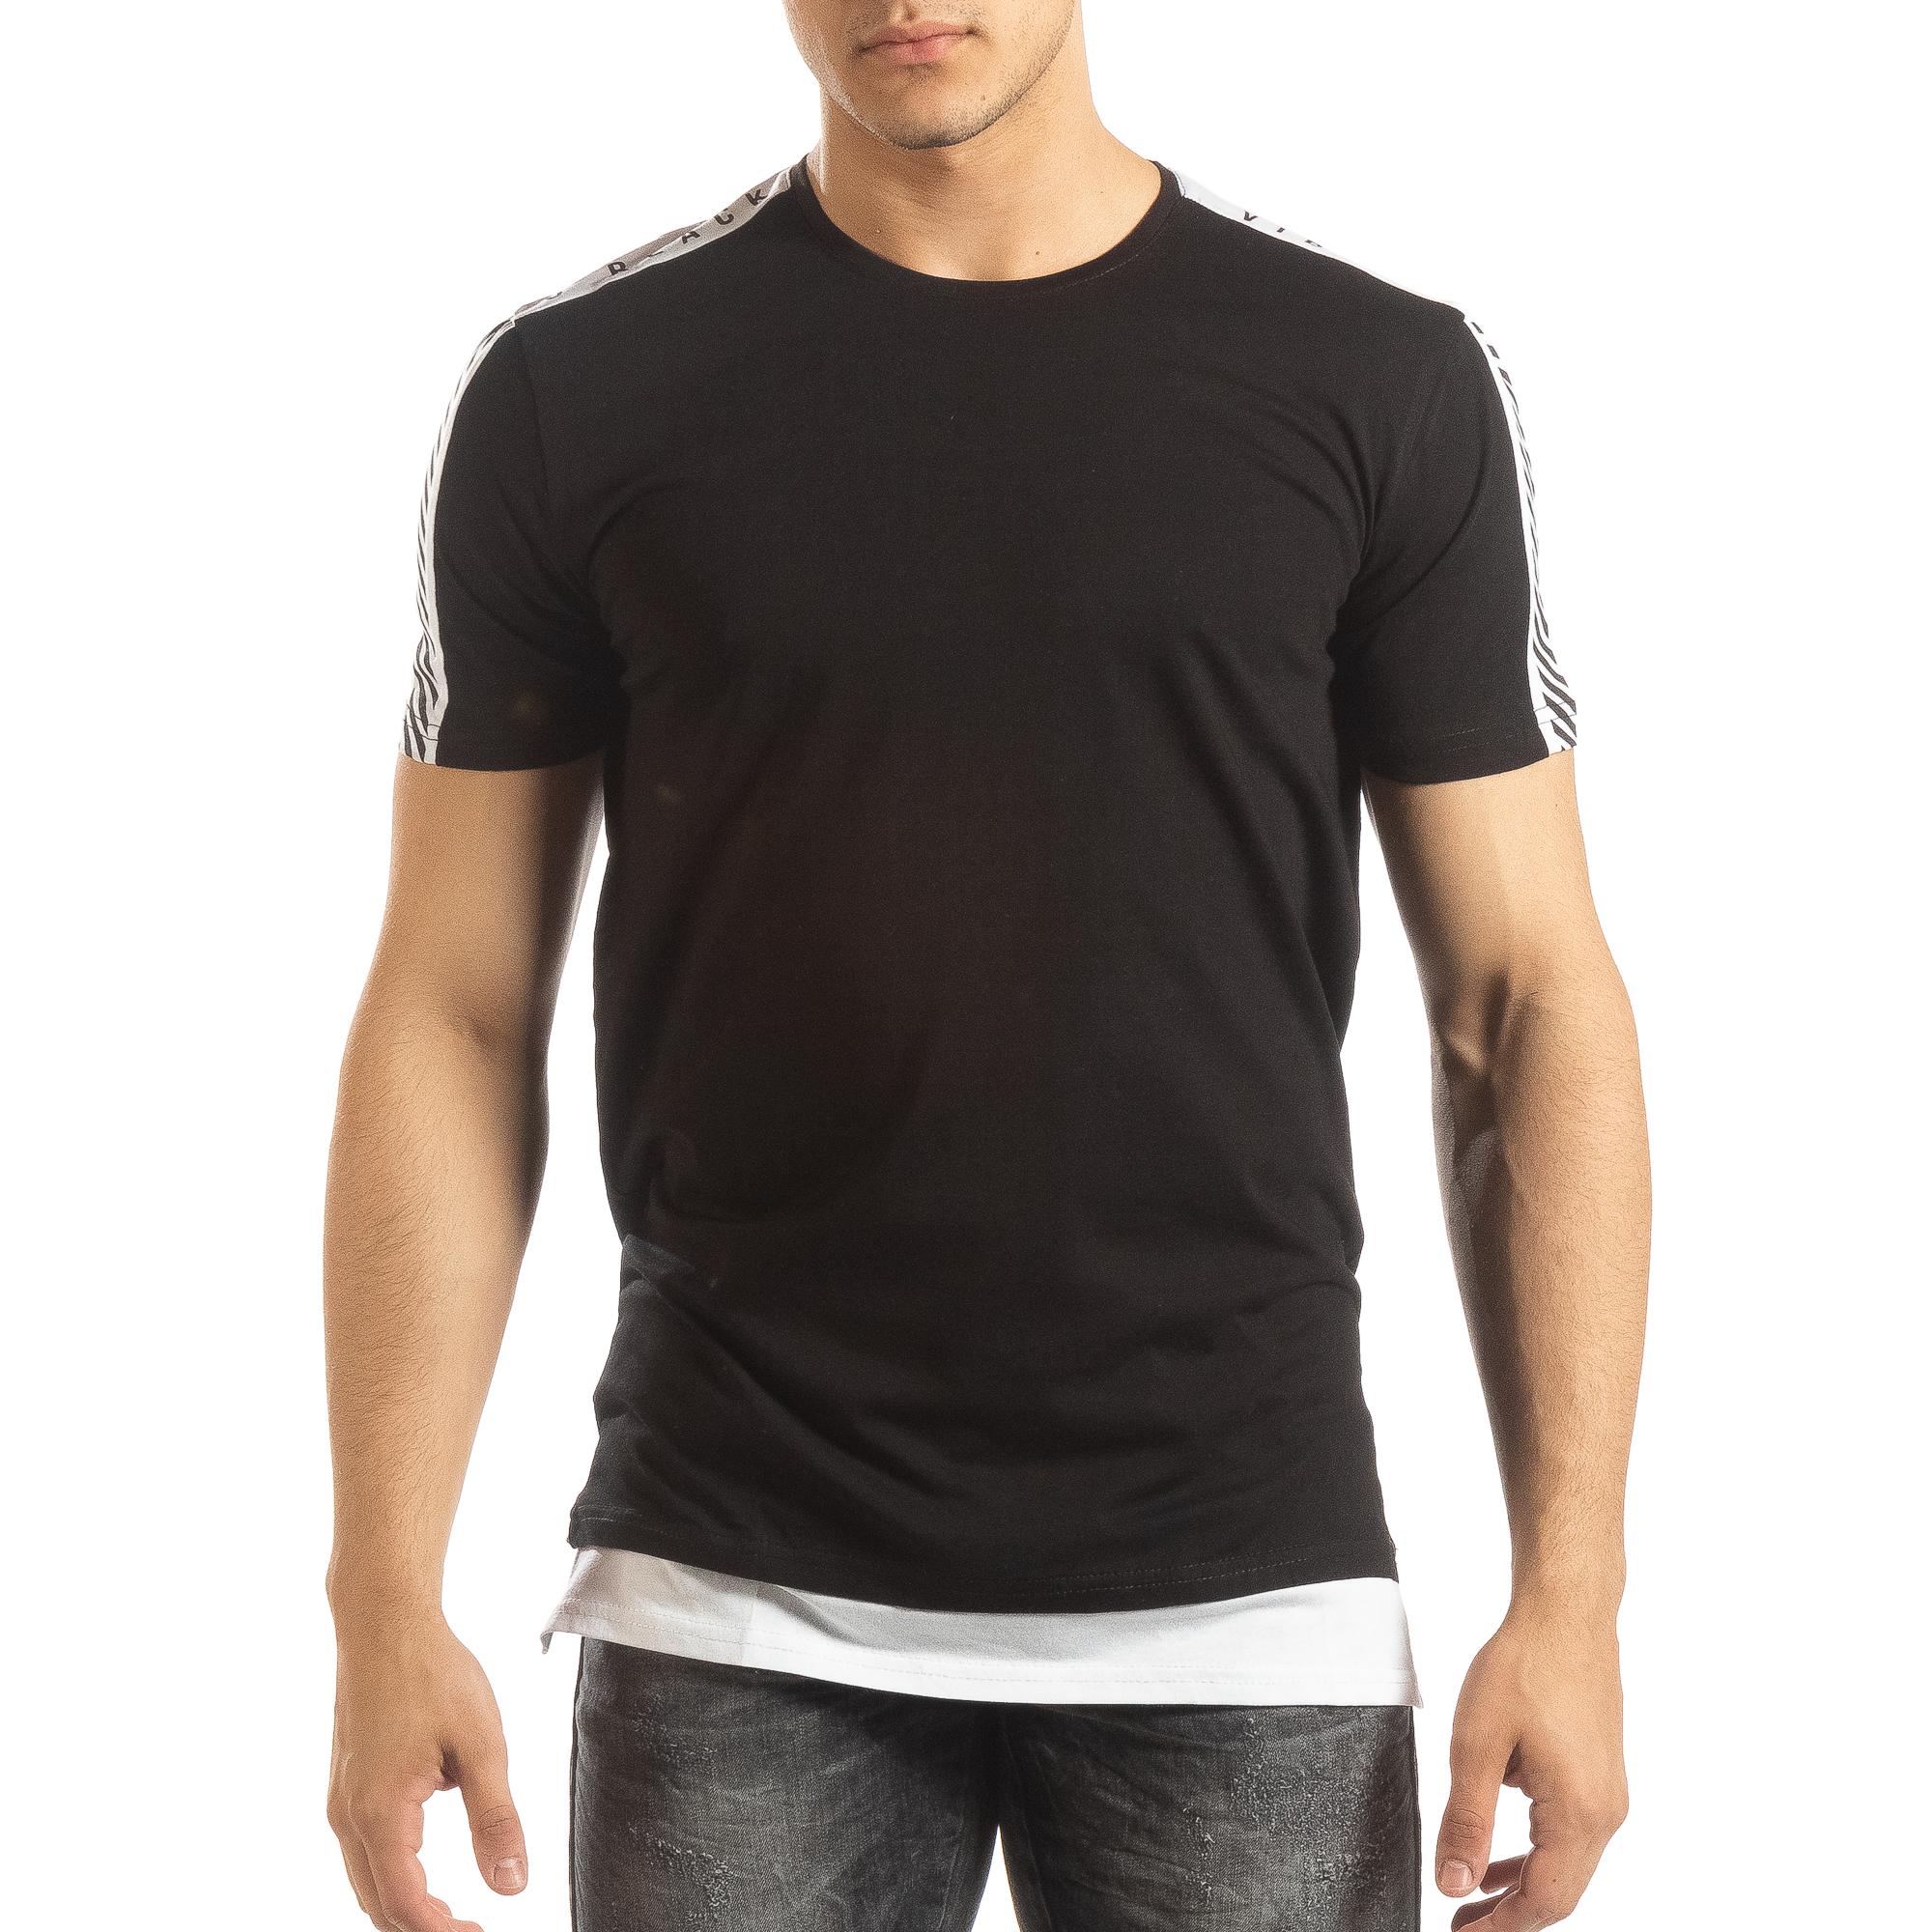 17d74080cfca Ανδρική μαύρη κοντομάνικη μπλούζα με λευκές λεπτομέρειες